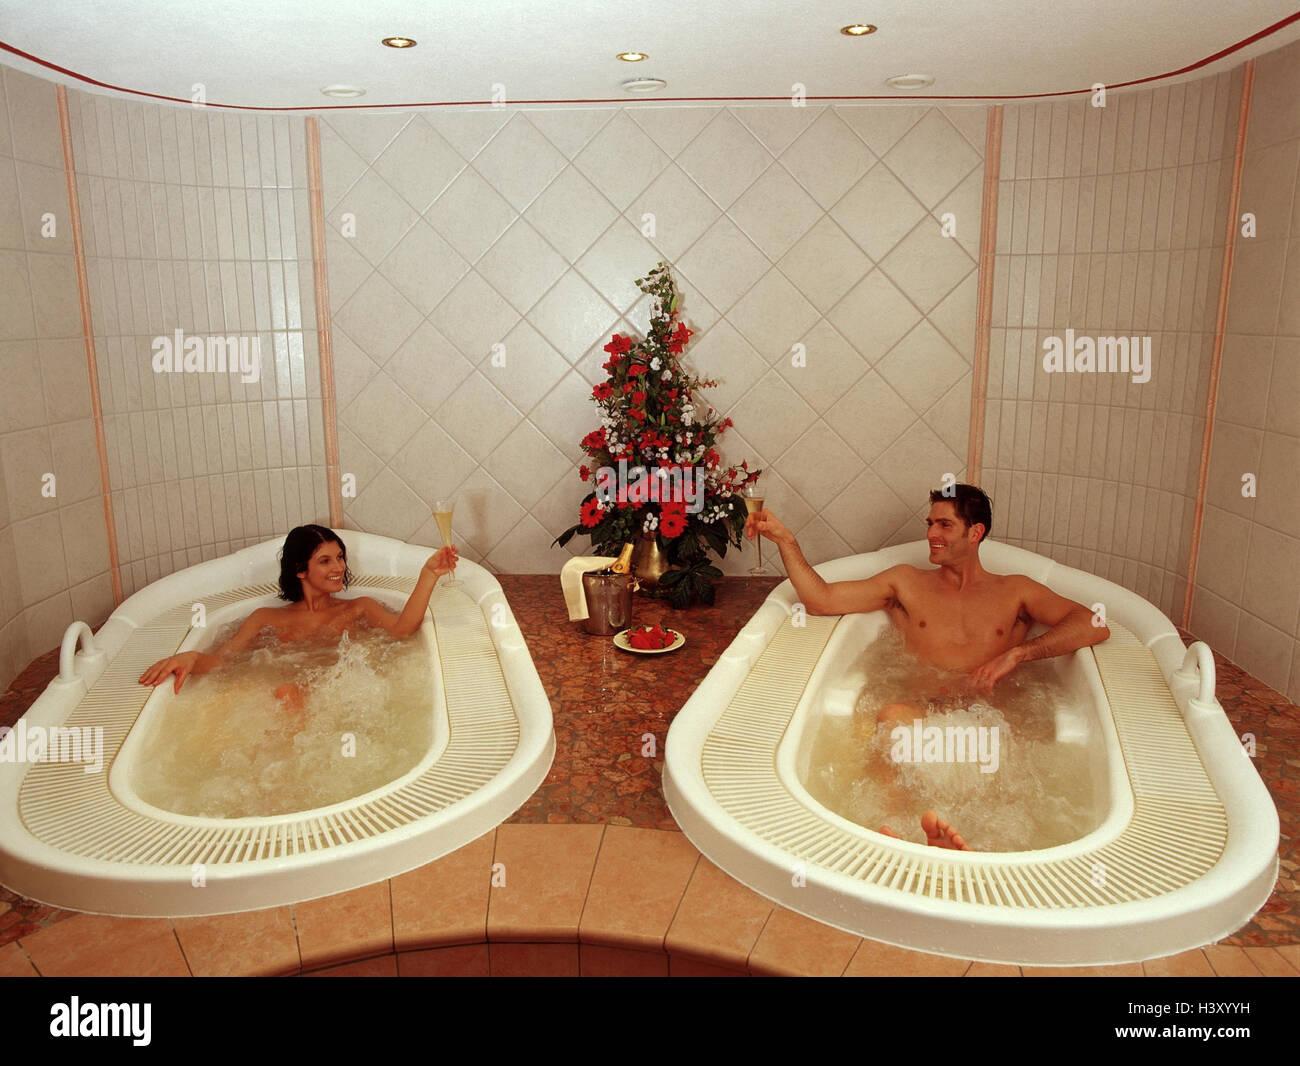 Vasca Da Bagno Jacuzzi Aira : Vasche da bagno jacuzzi. set di miscelatori per lavabo bidet e vasca